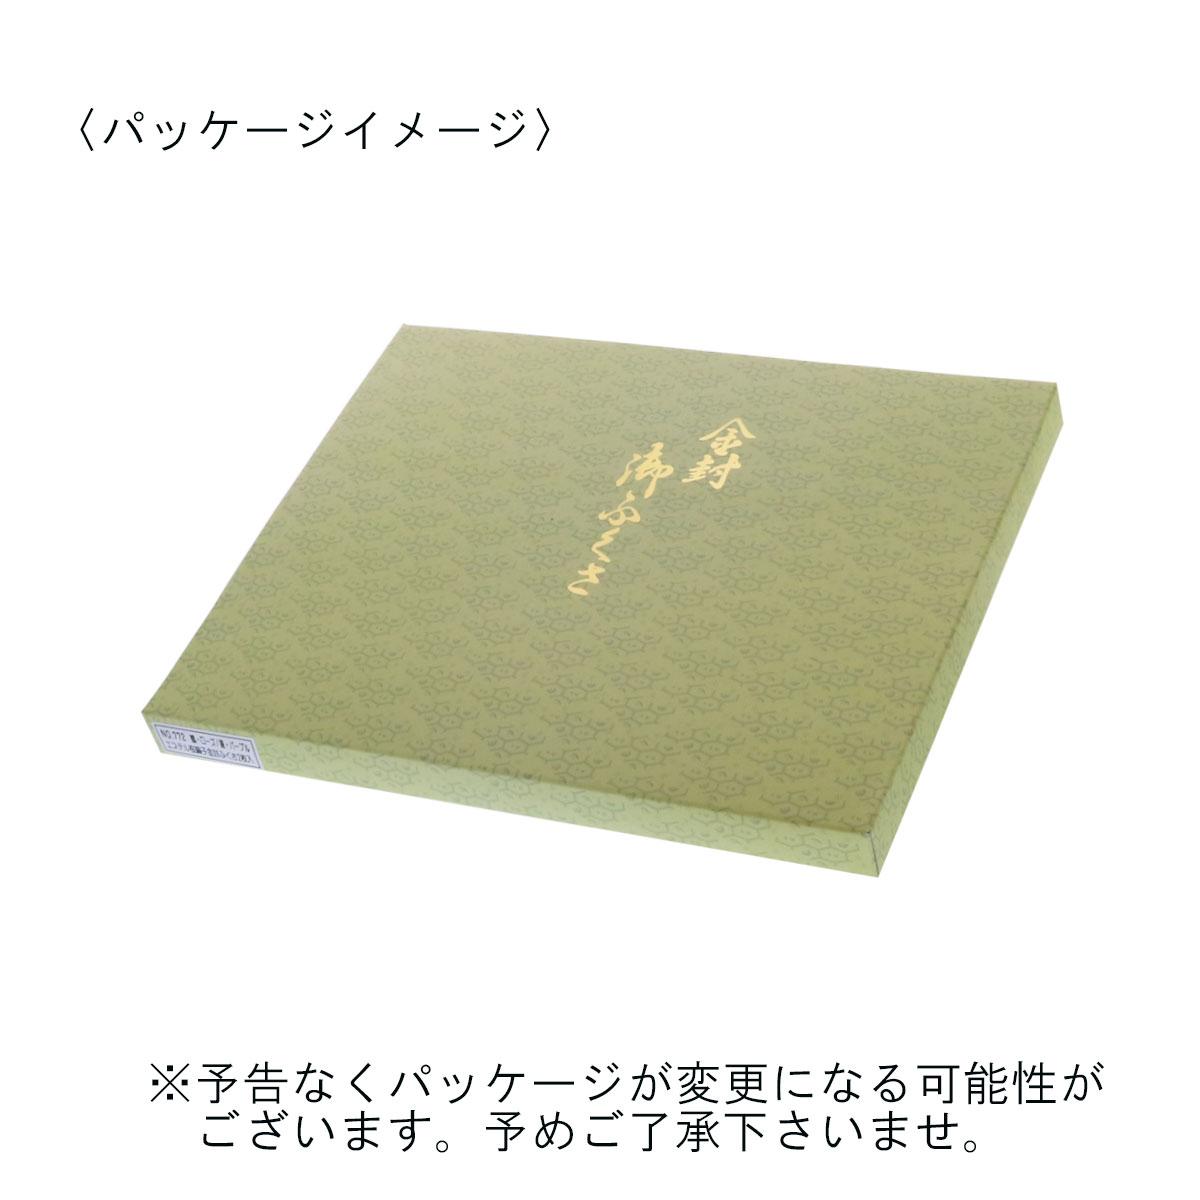 飾り結びふくさ・金封ふくさ2個セット 桜柄